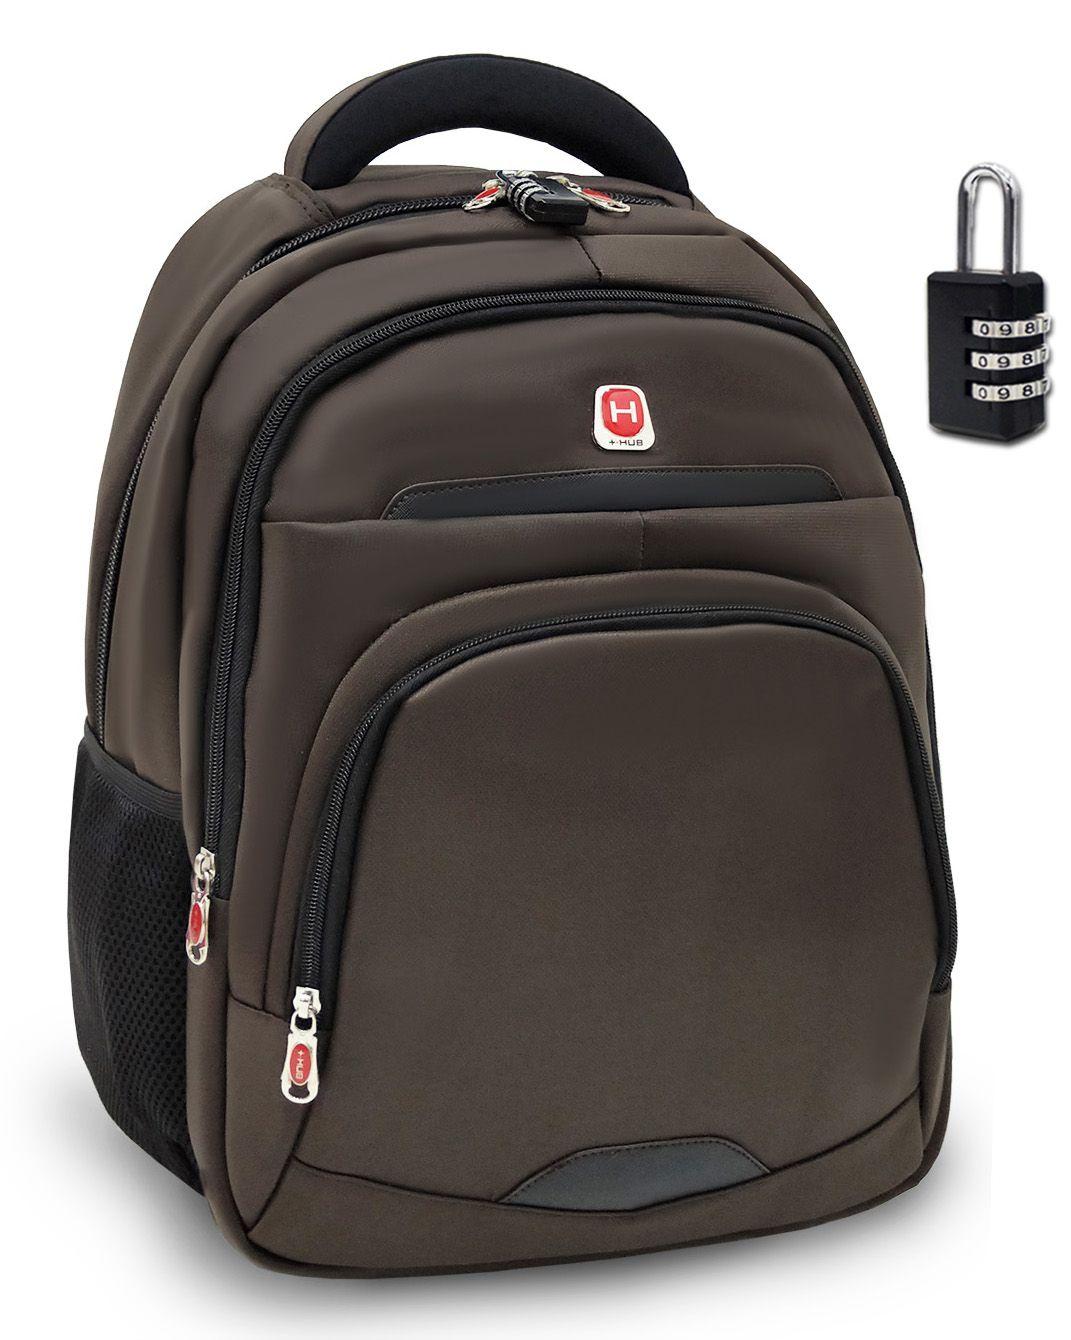 Mochila Notebook Hub H119 Reforçada 30L Com Cadeado Marrom